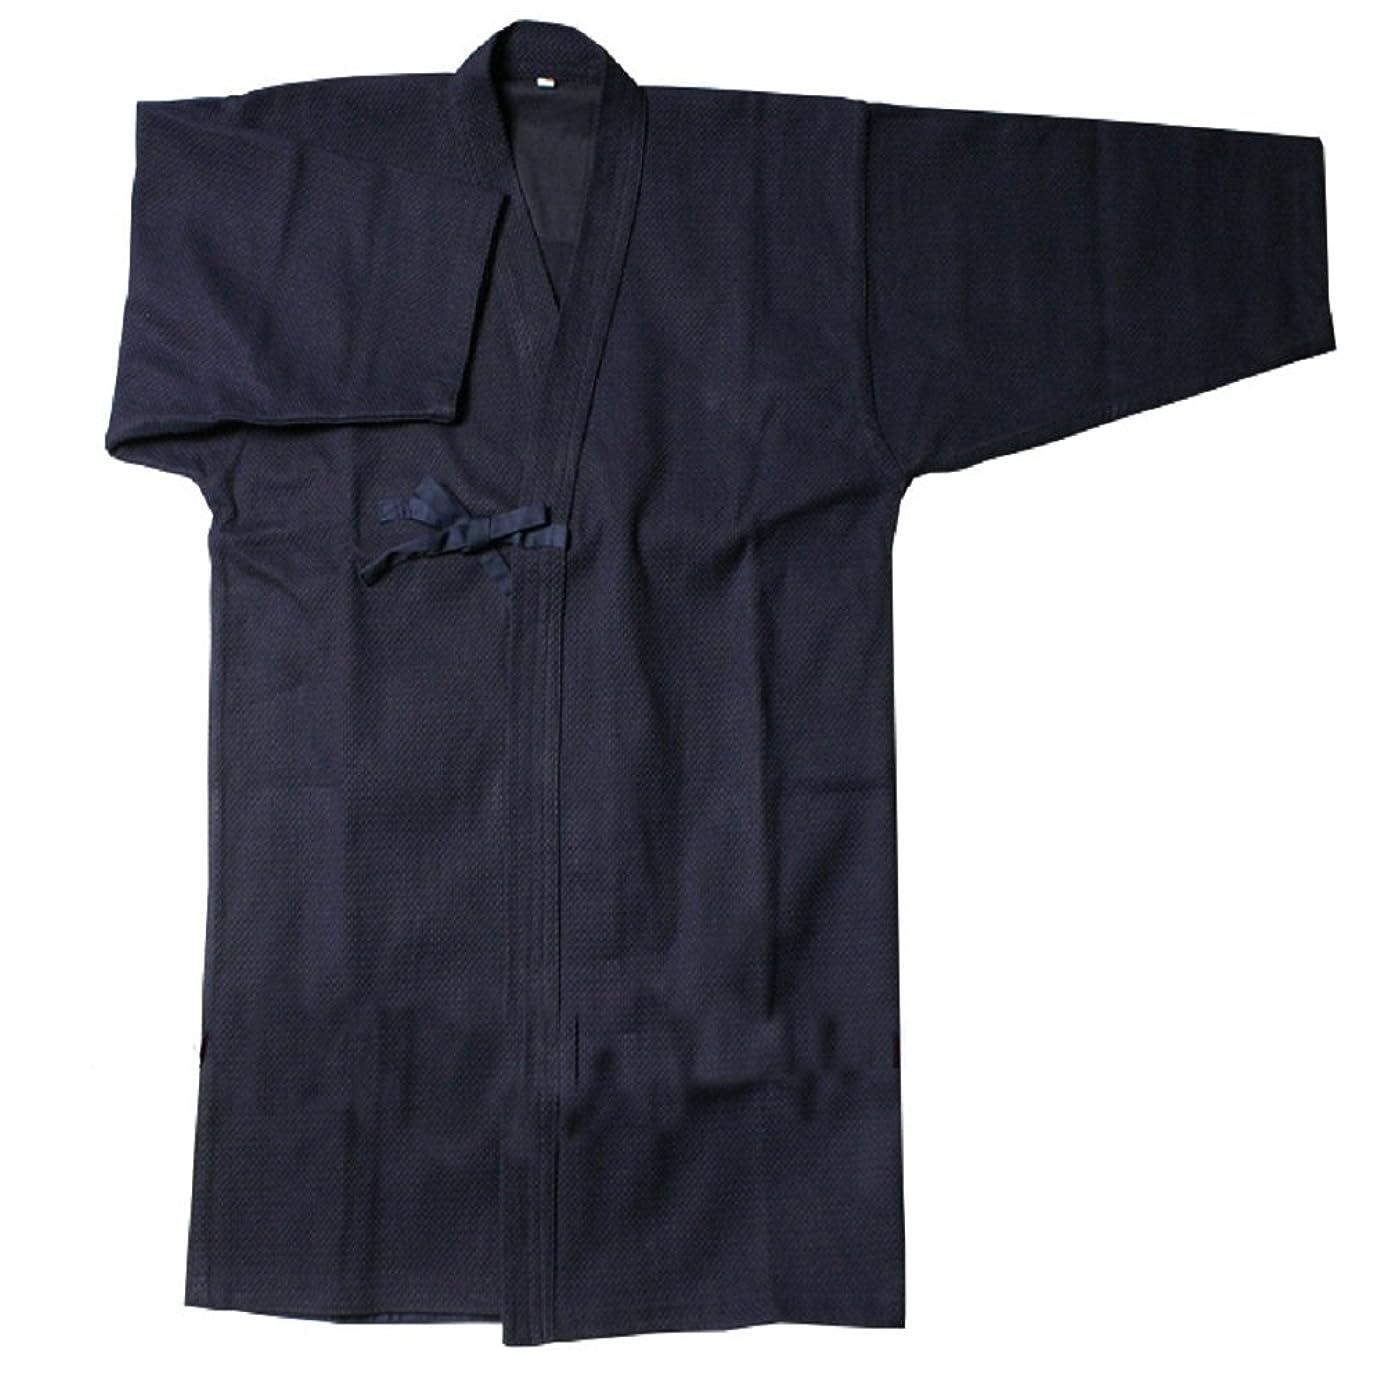 マーベルメトロポリタンスピン剣道着 色止め紺一重剣道衣 (サイズ155~175cm) 綿100%(上着)